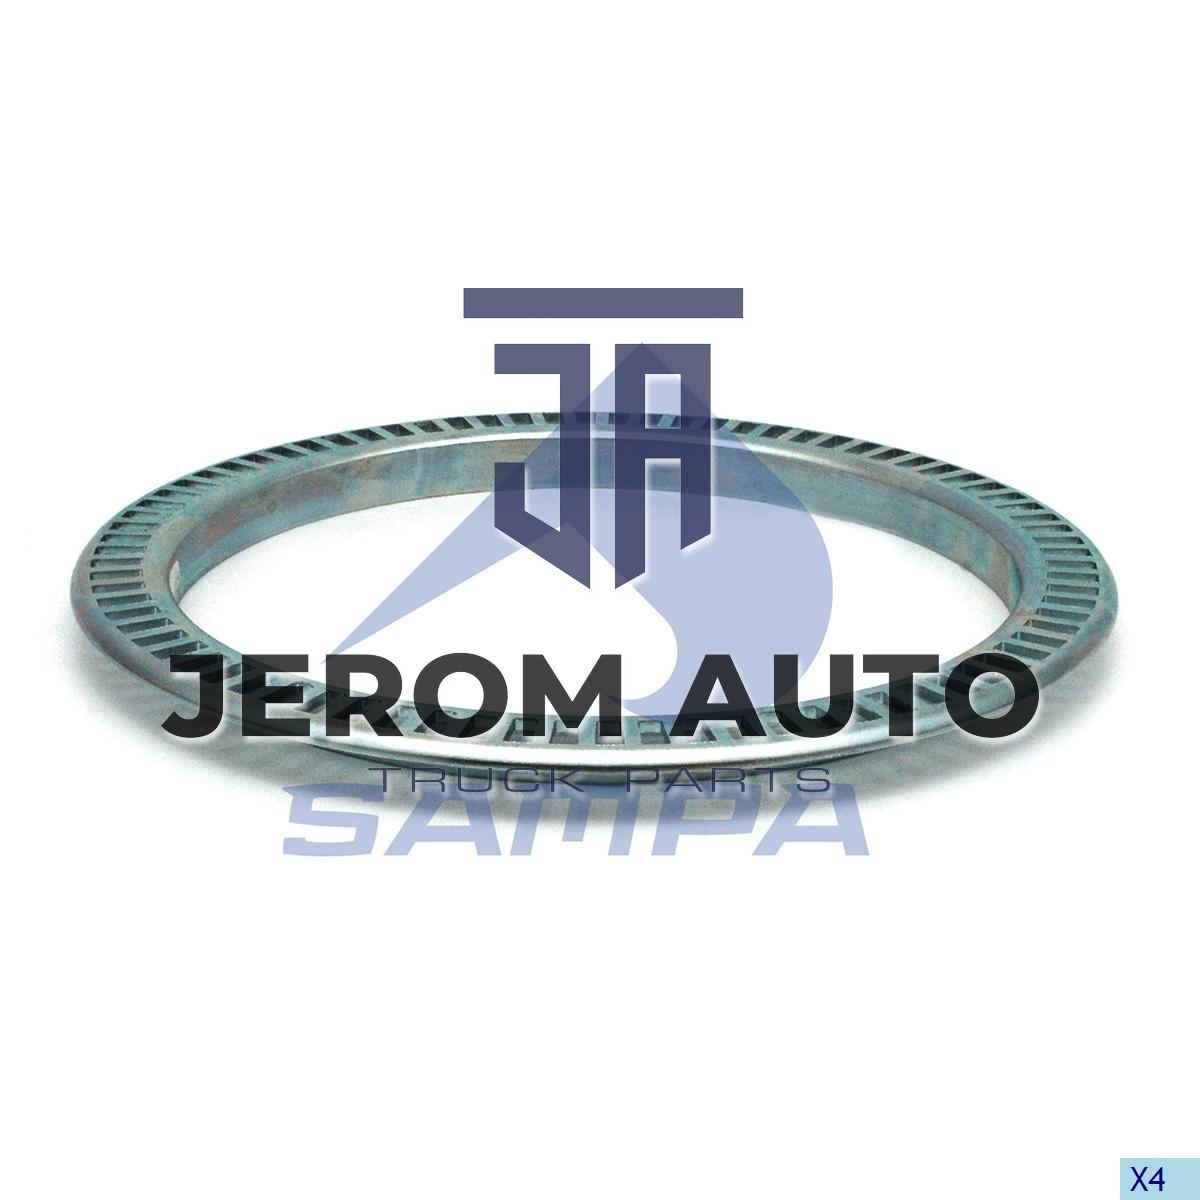 Кольцо ABS d143.8xD177x11.7 Z = 80 MM Mercedes перед \9753340415 \ 203.442